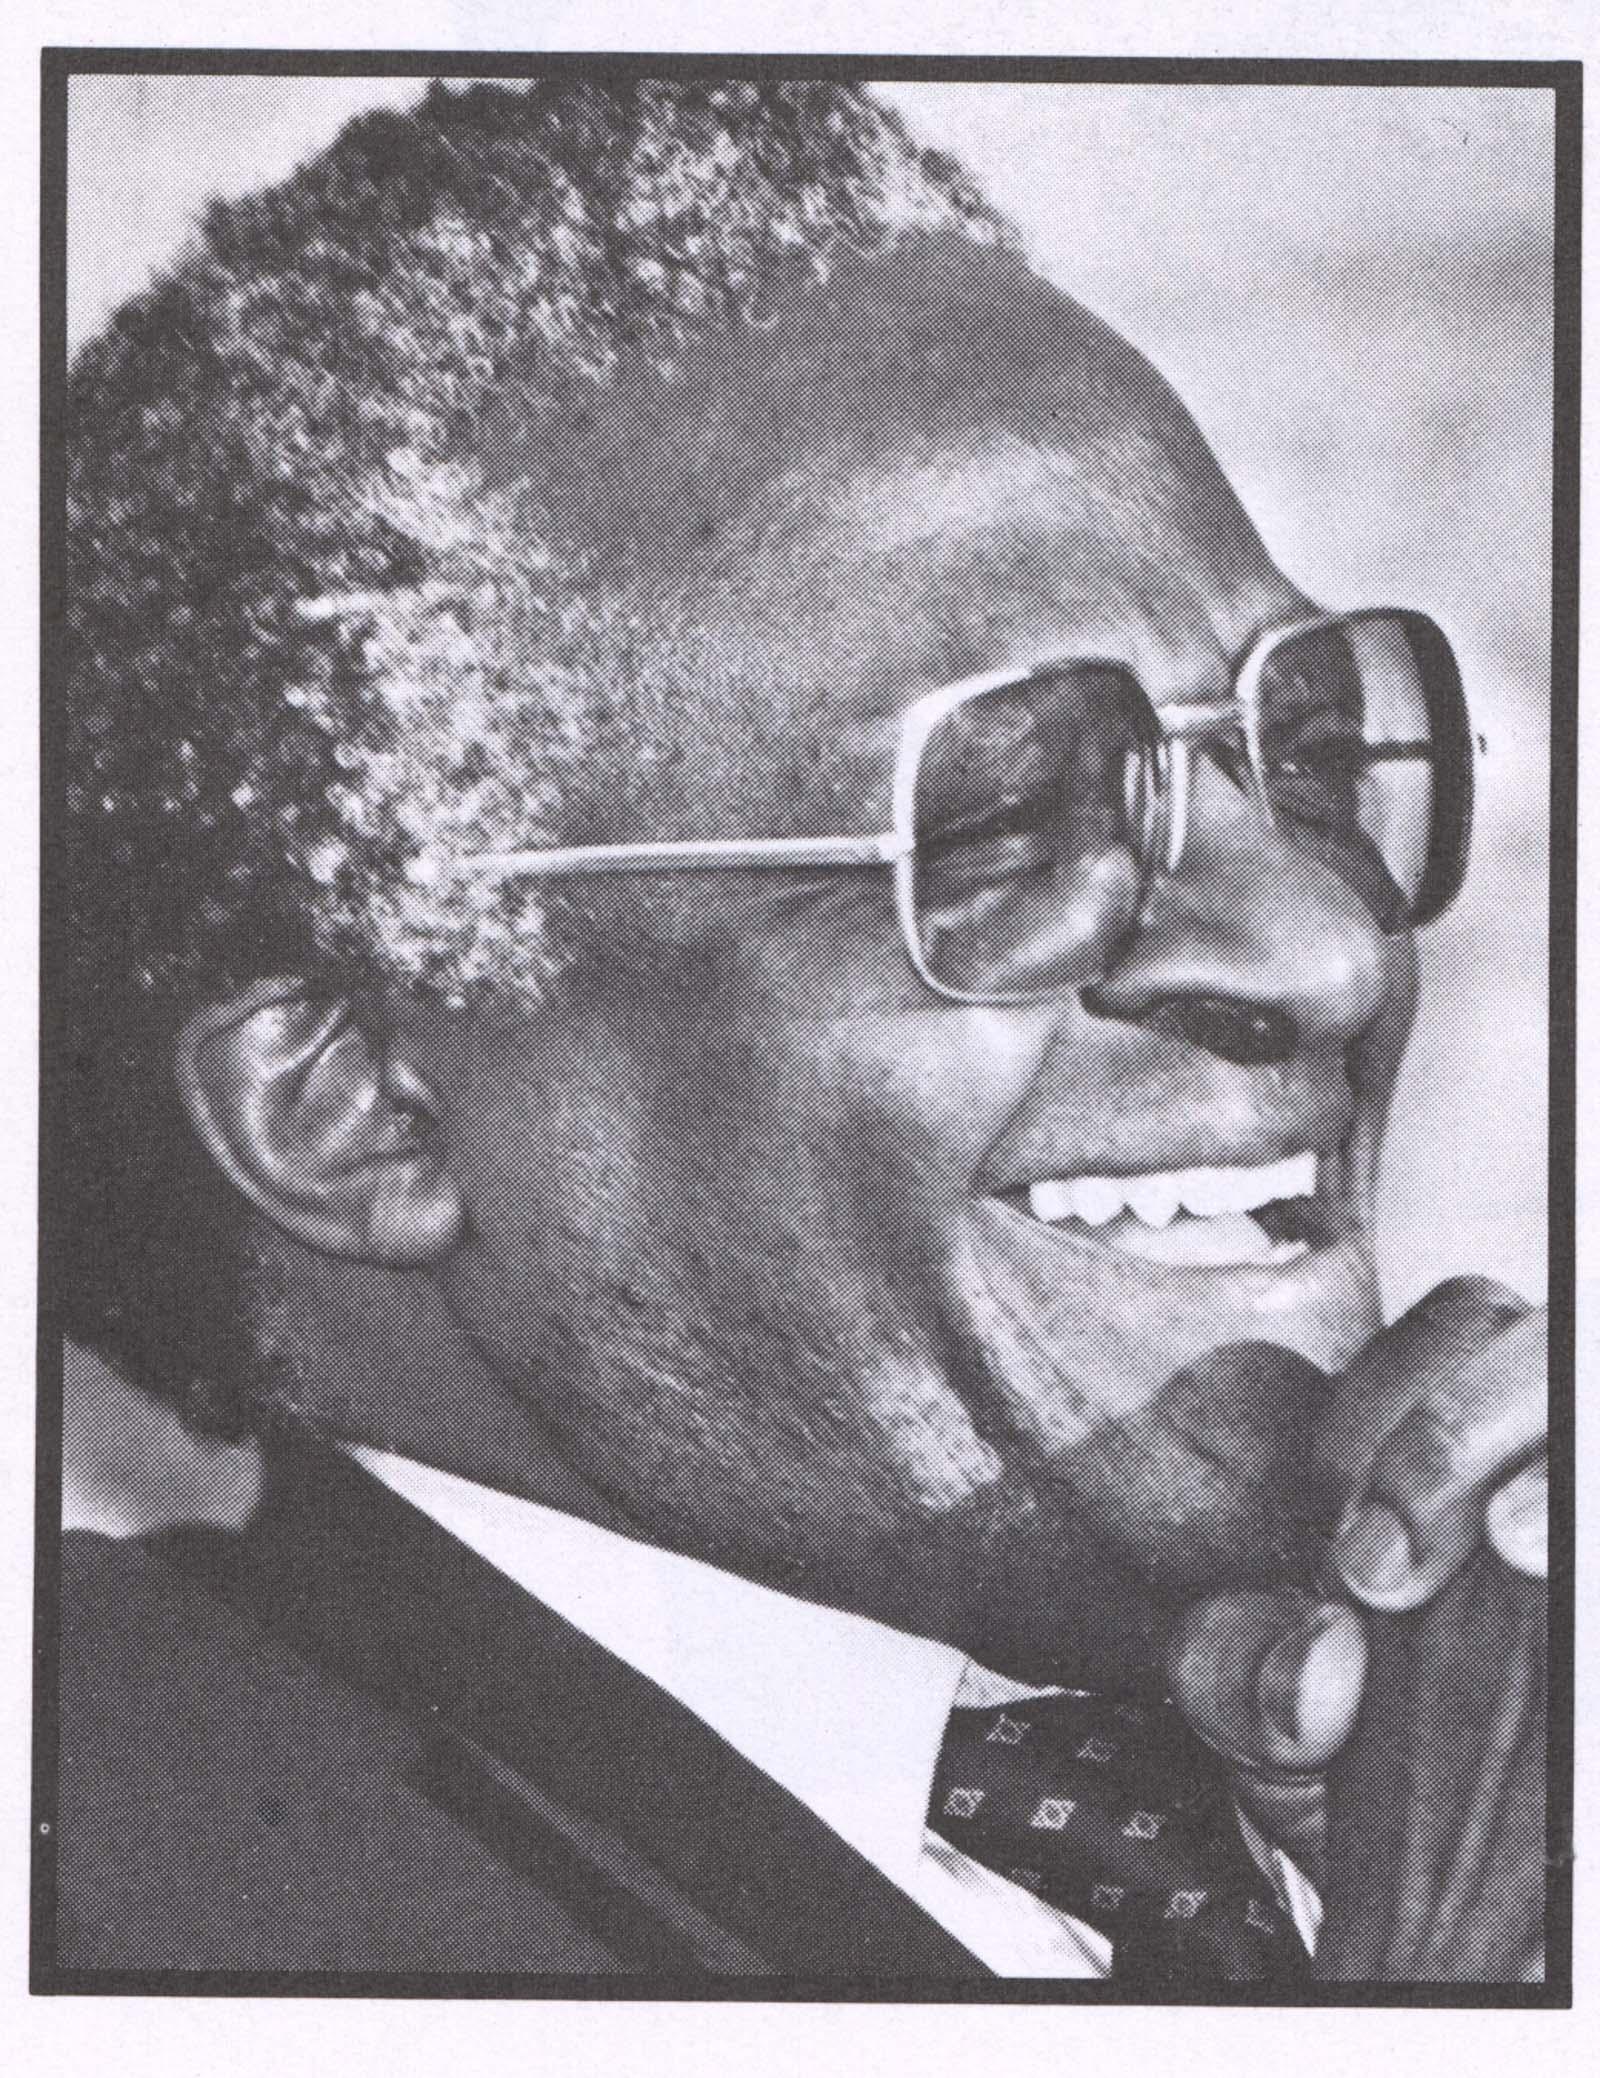 Bishop Tutu